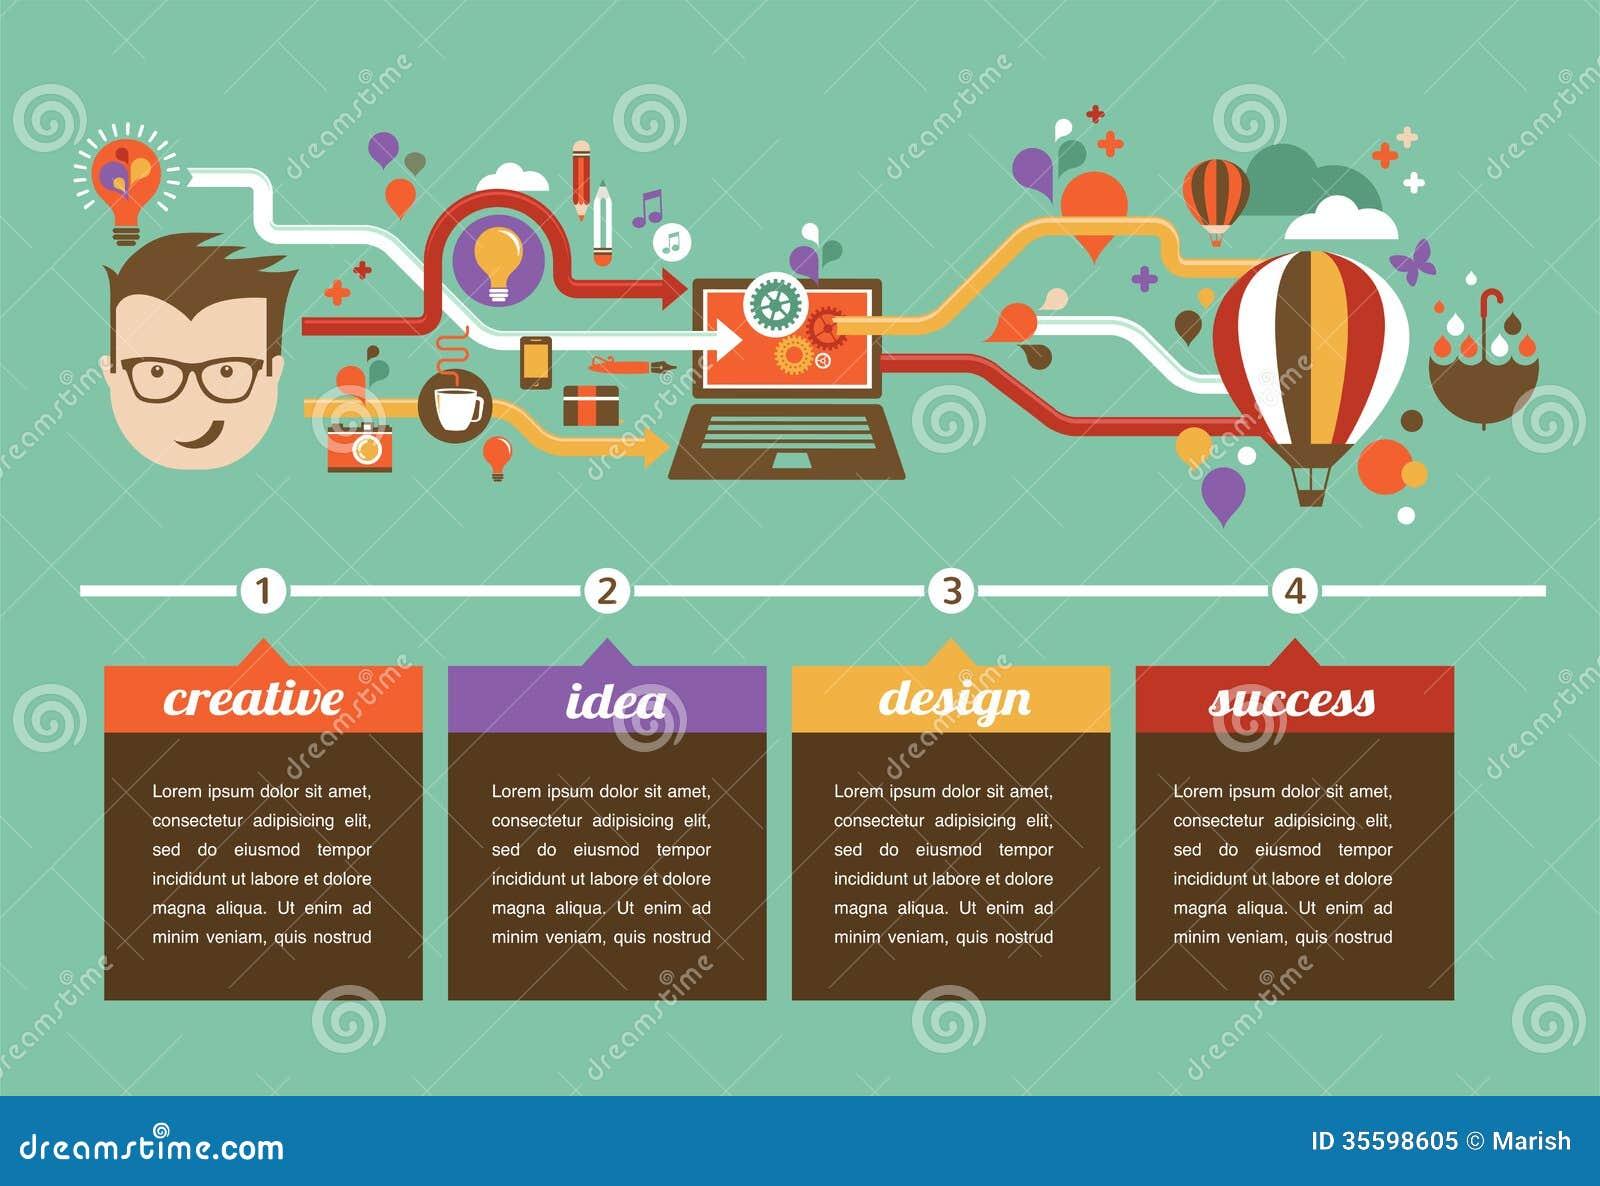 Entwerfen Sie, kreativ, Idee und Innovation infographic